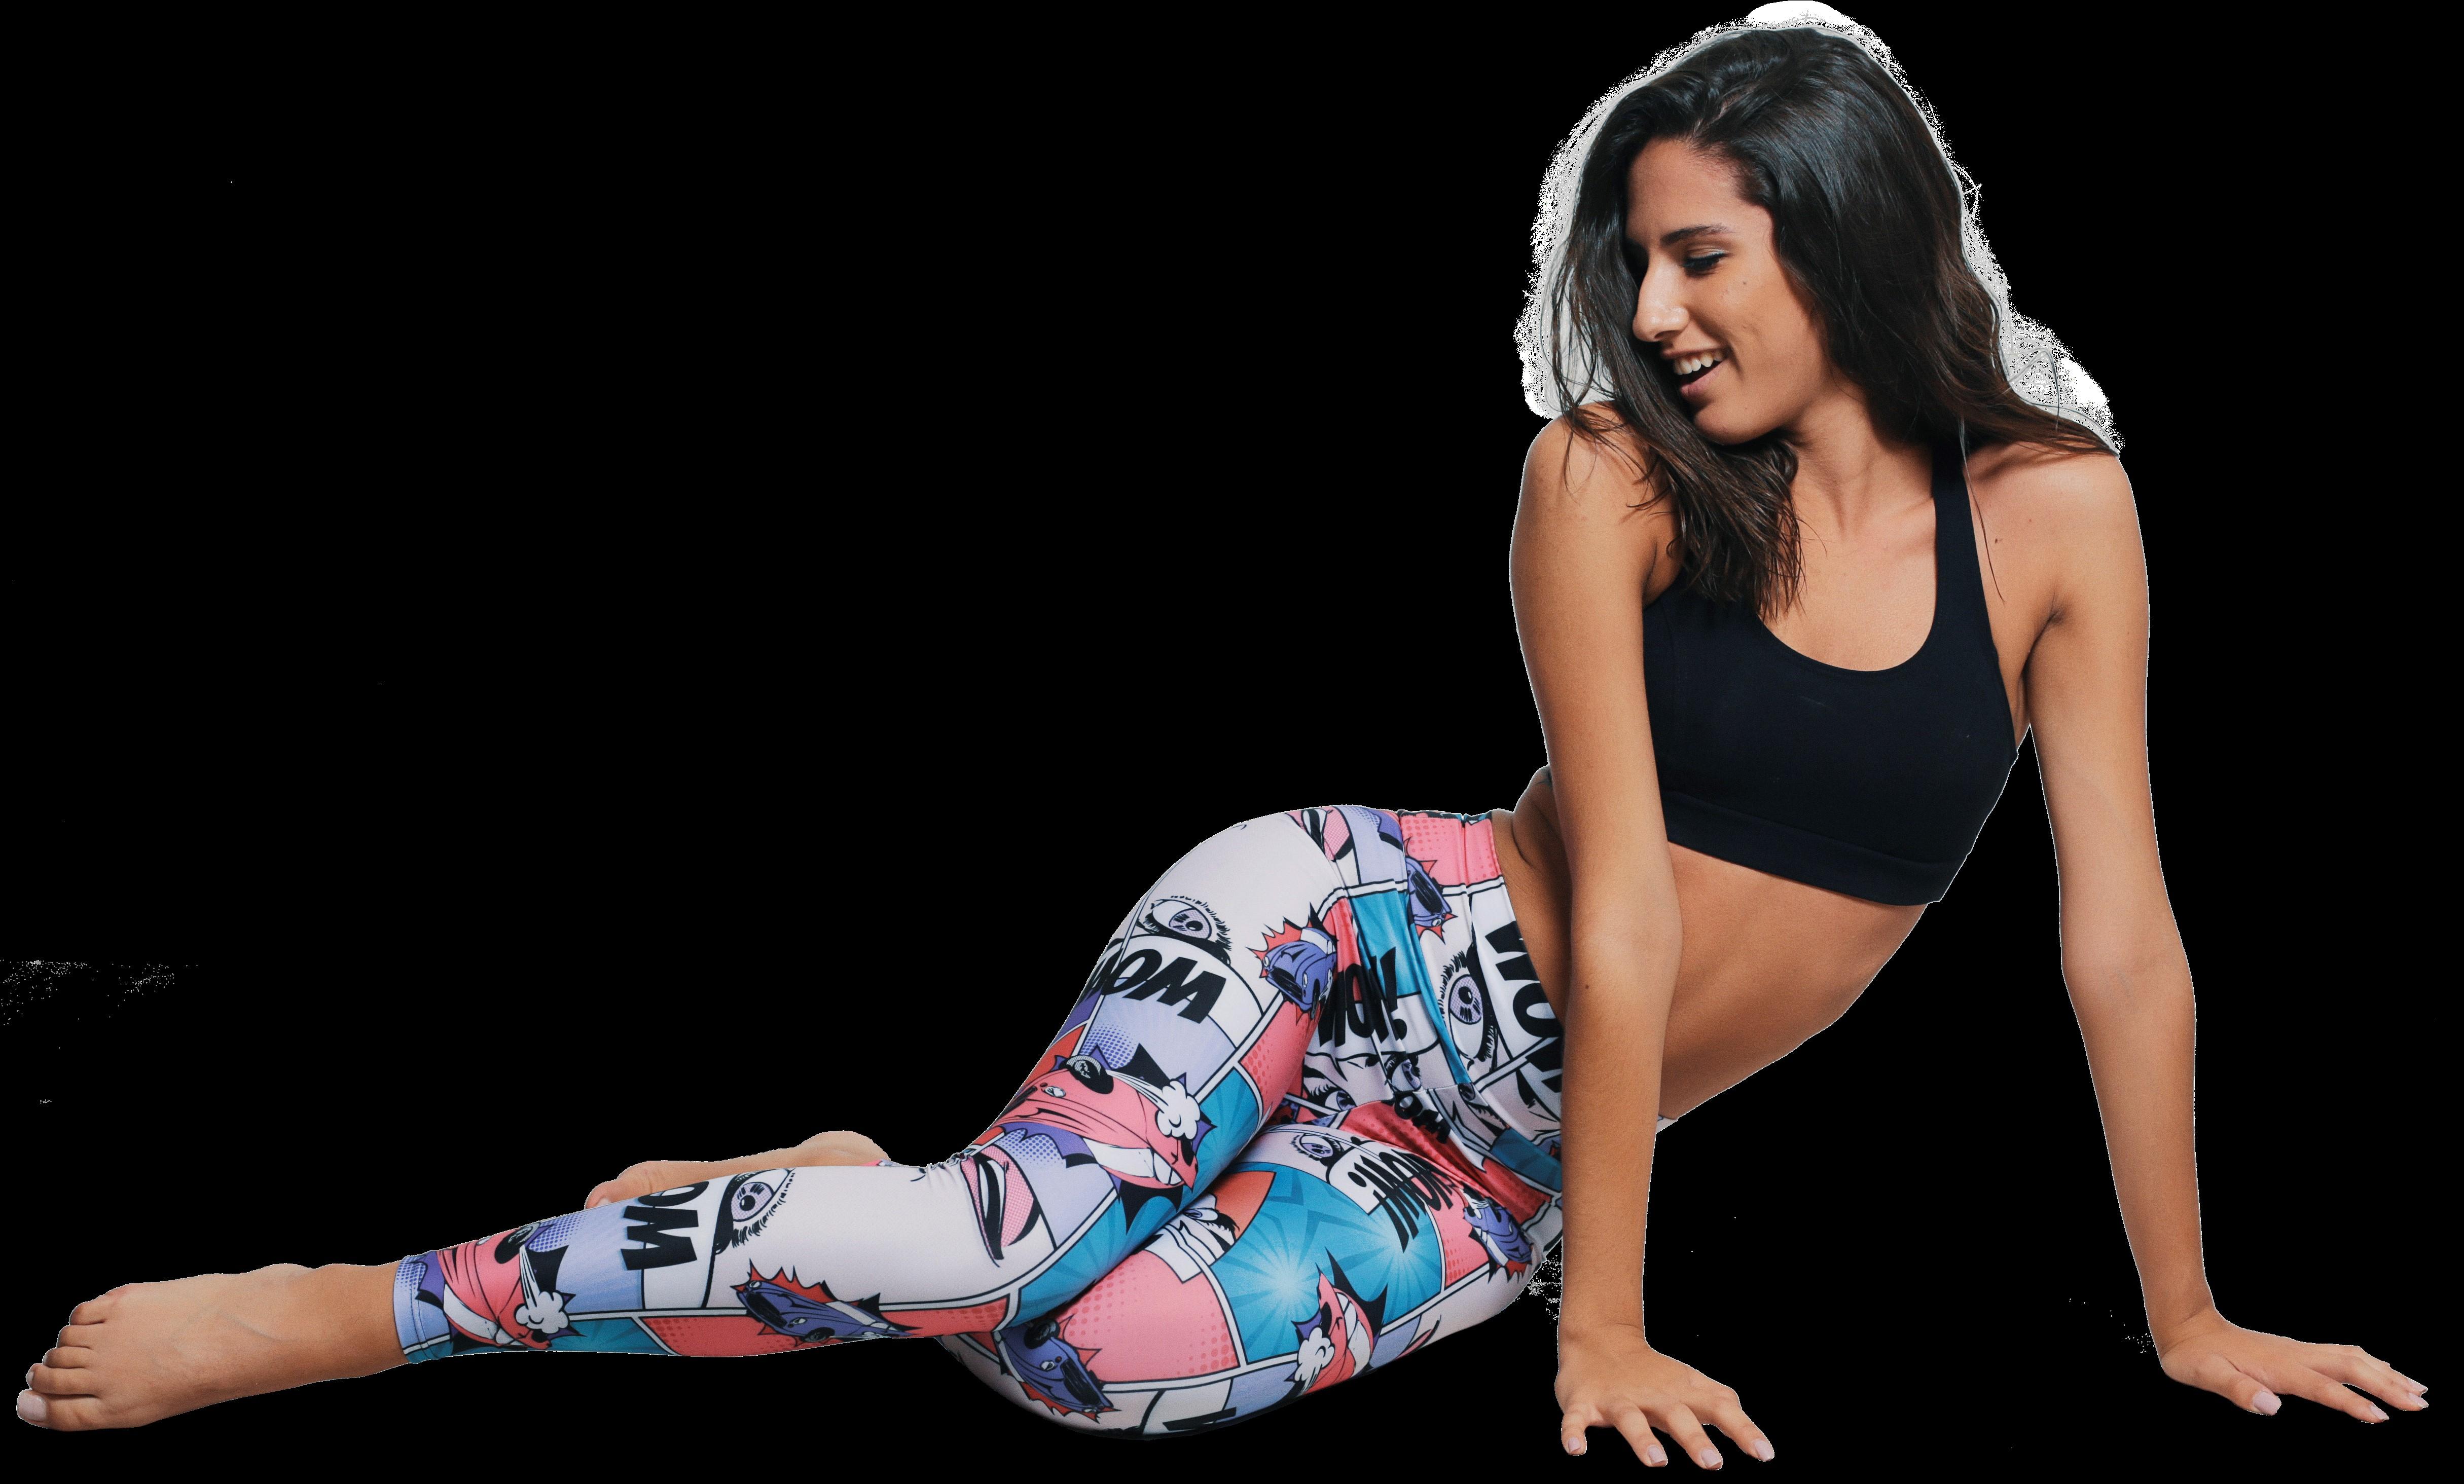 El fitness aumenta el consumo femenino deportivo que duplicará ventas hasta 2020